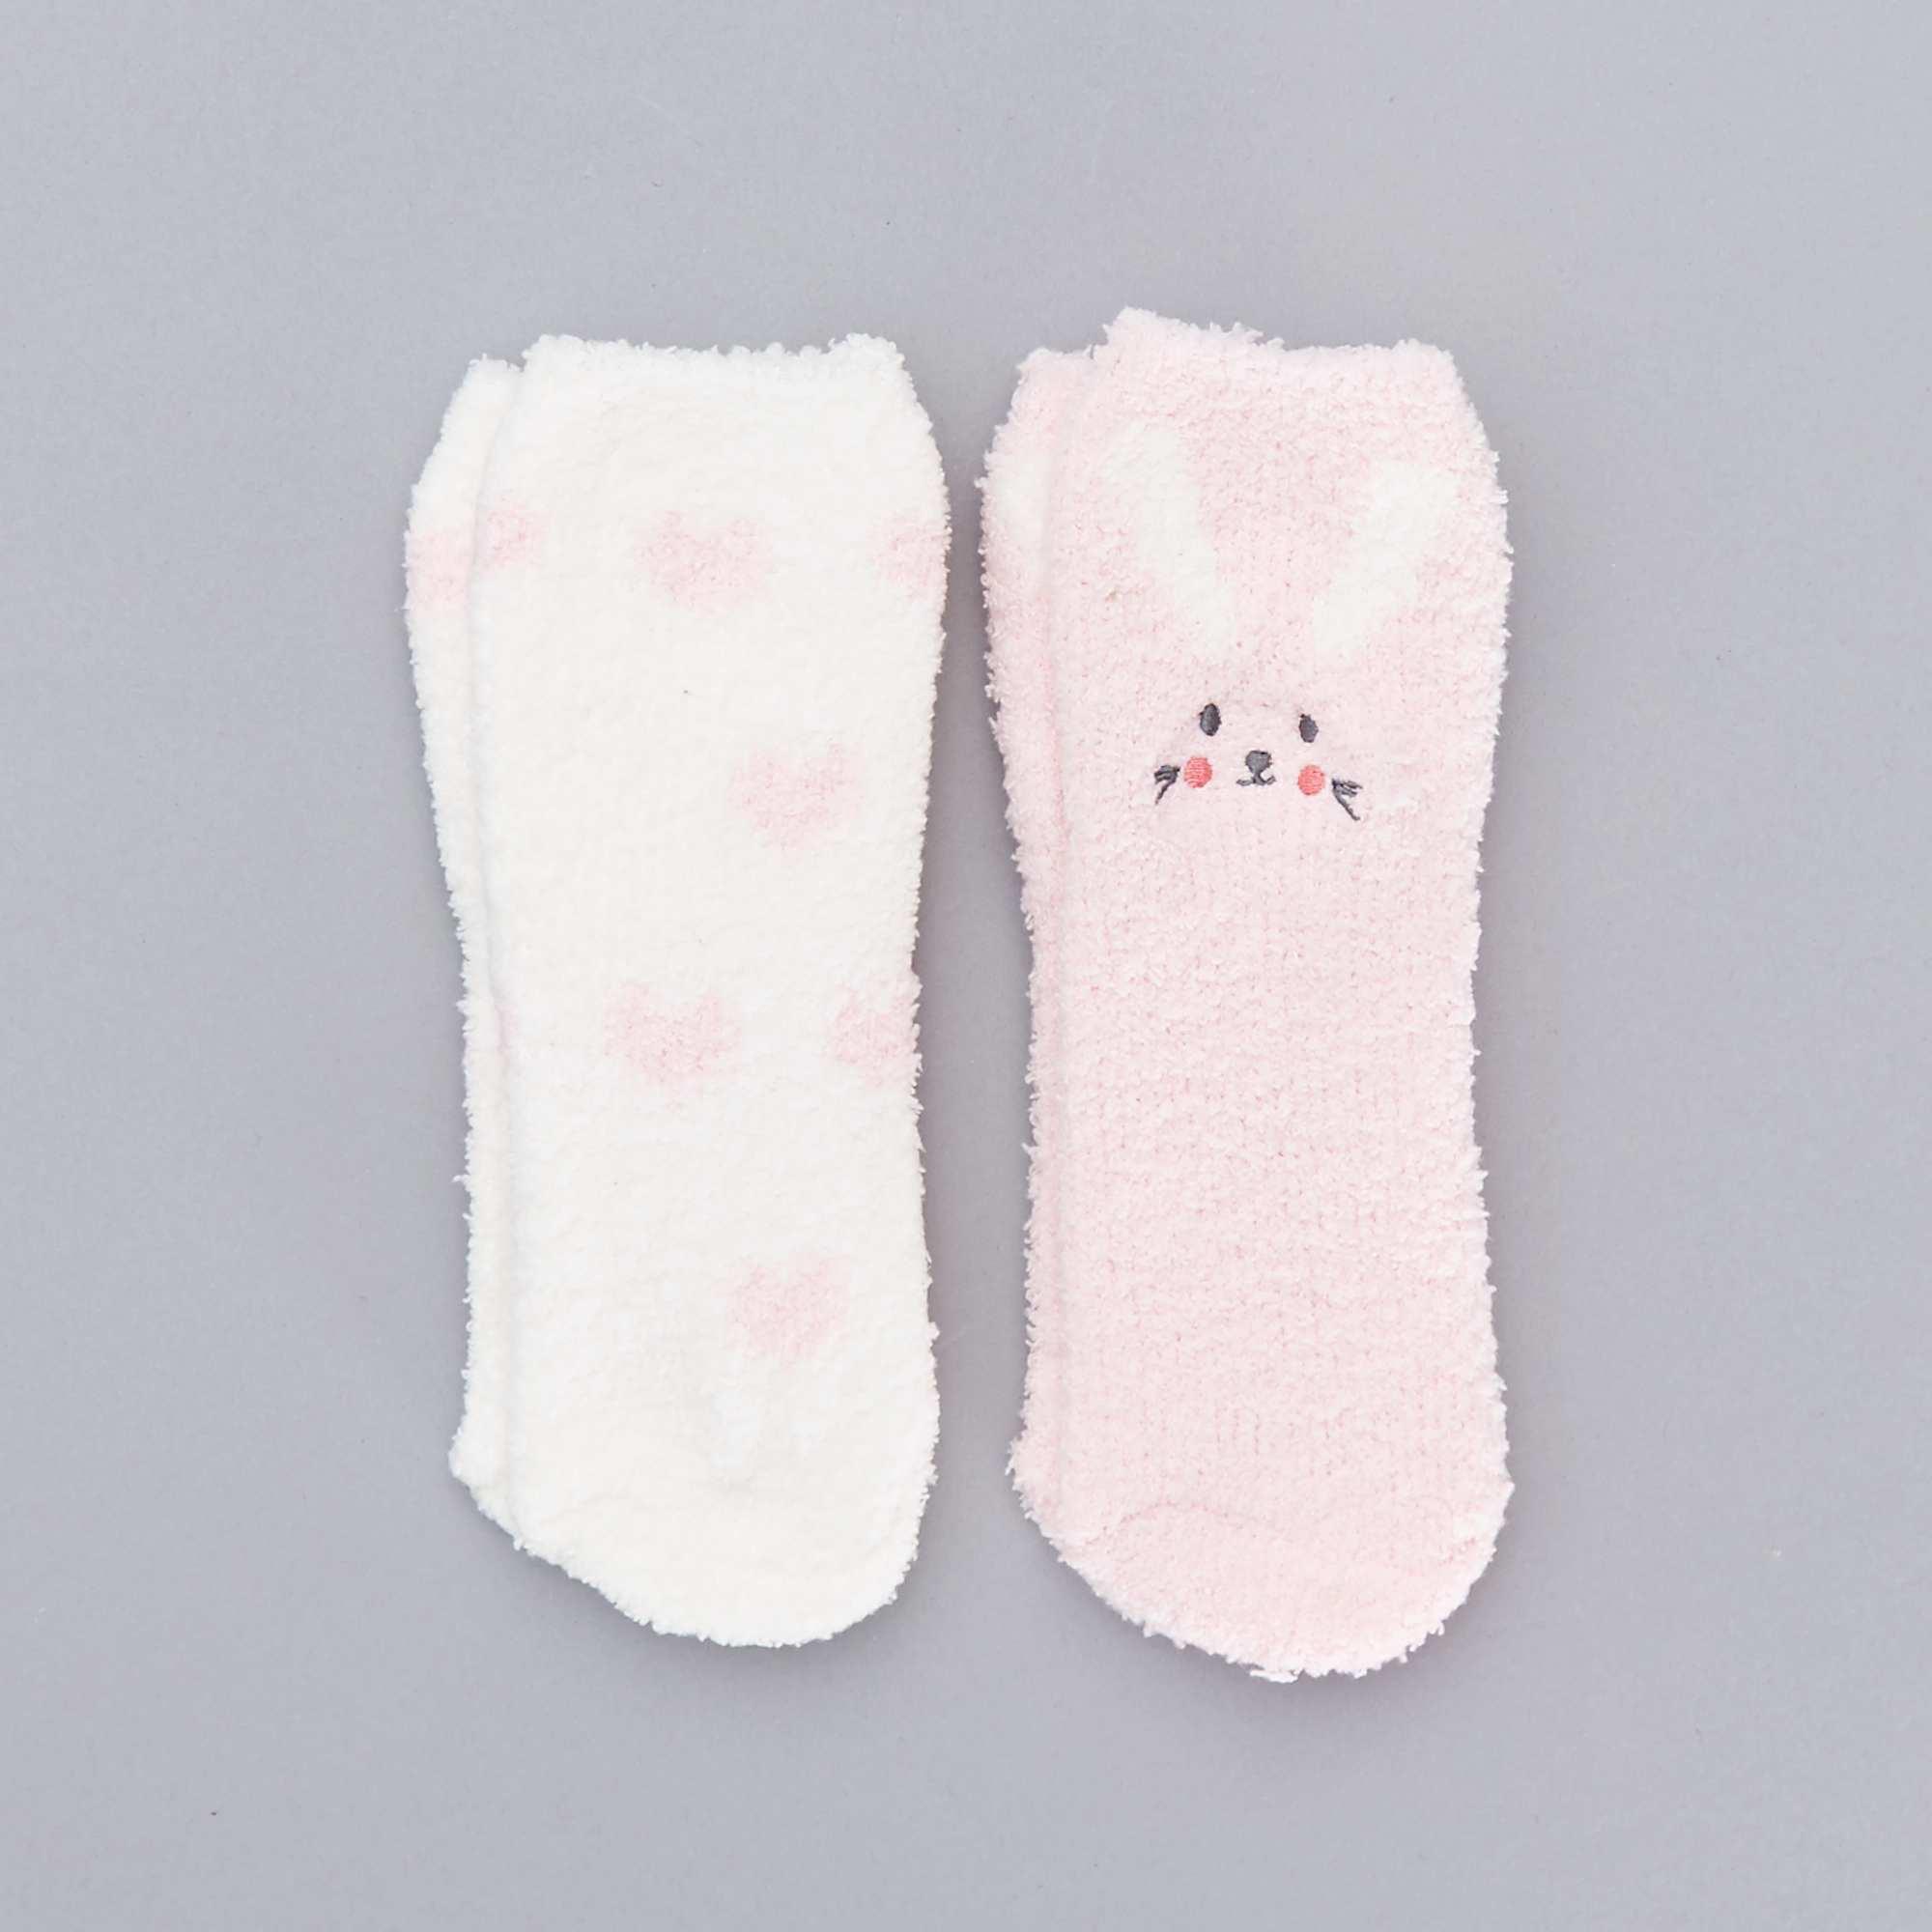 Pack de 2 calcetines tipo zapatillas de casa 39 conejo - Casa conejo ...